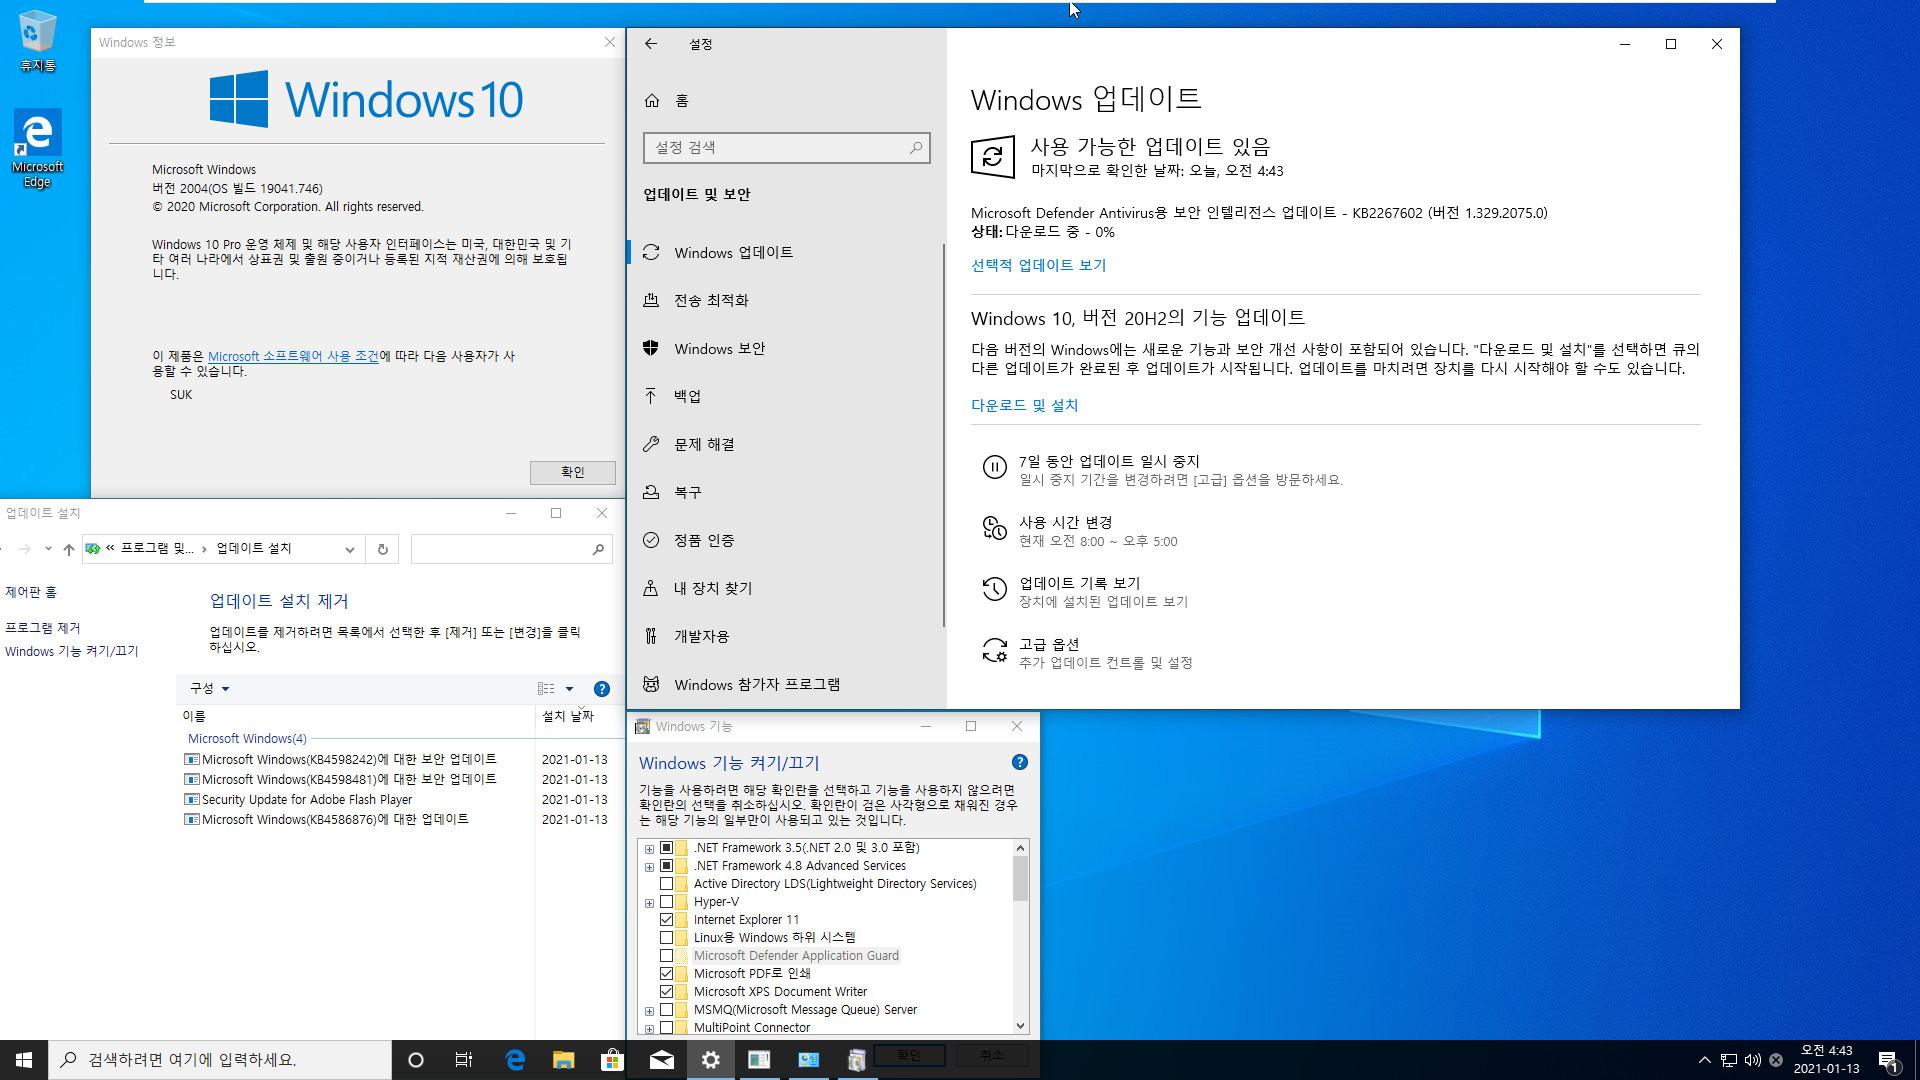 2021-01-13 수요일 정기 업데이트 통합 PRO x64 2개 - Windows 10 버전 2004 + 버전 20H2 누적 업데이트 KB4598242 (OS 빌드 19041.746 + 19042.746) - 윈도우 설치 테스트 2021-01-13_044355.jpg